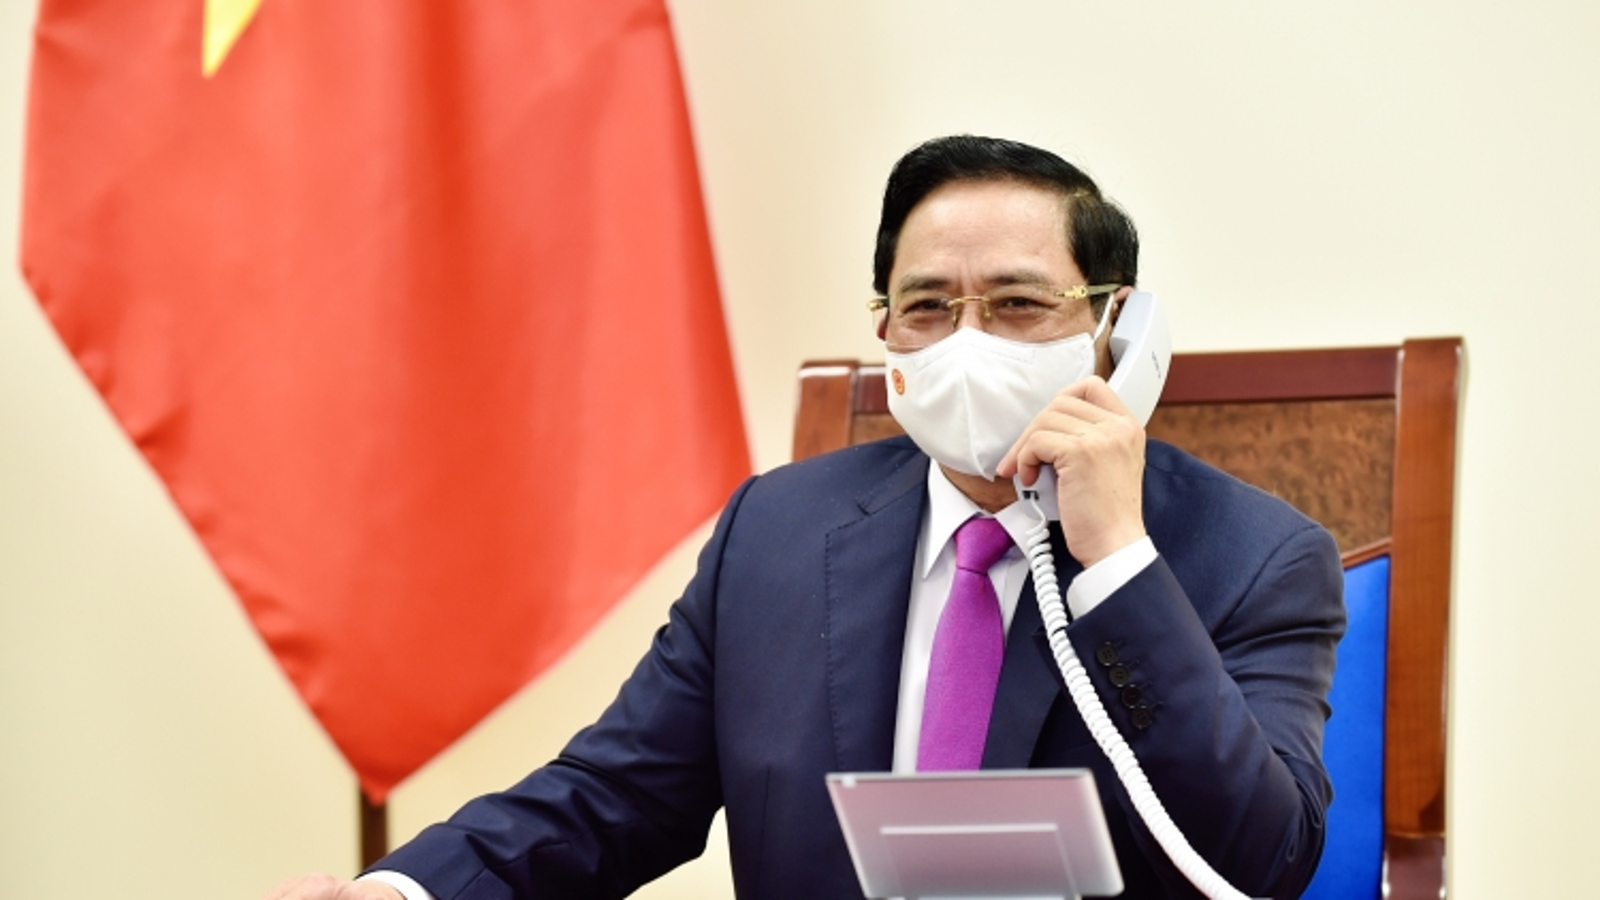 Thủ tướng Chính phủ Phạm Minh Chính điện đàm với Thủ tướng Thái Lan Prayut Chan-o-cha